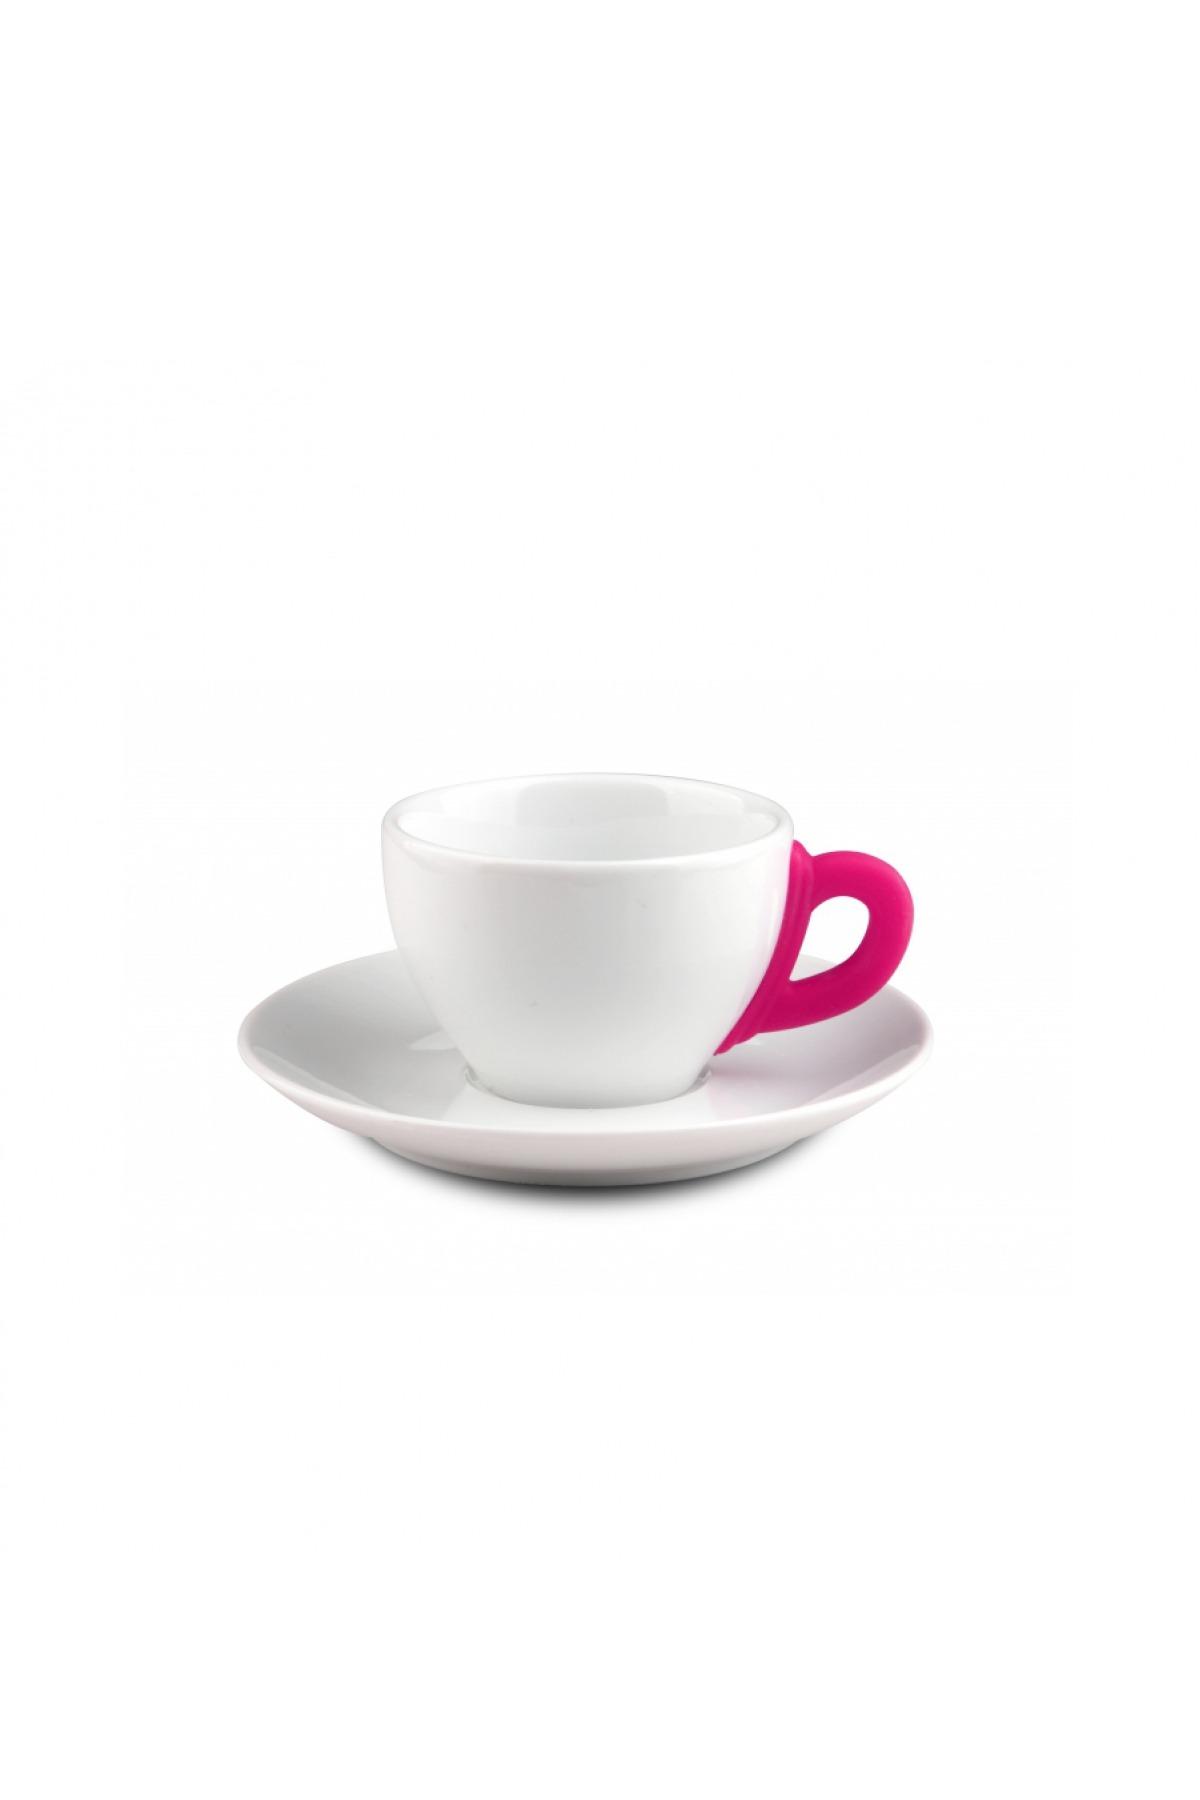 Kütahya Porselen 17 Parça Çay Seti Pembe